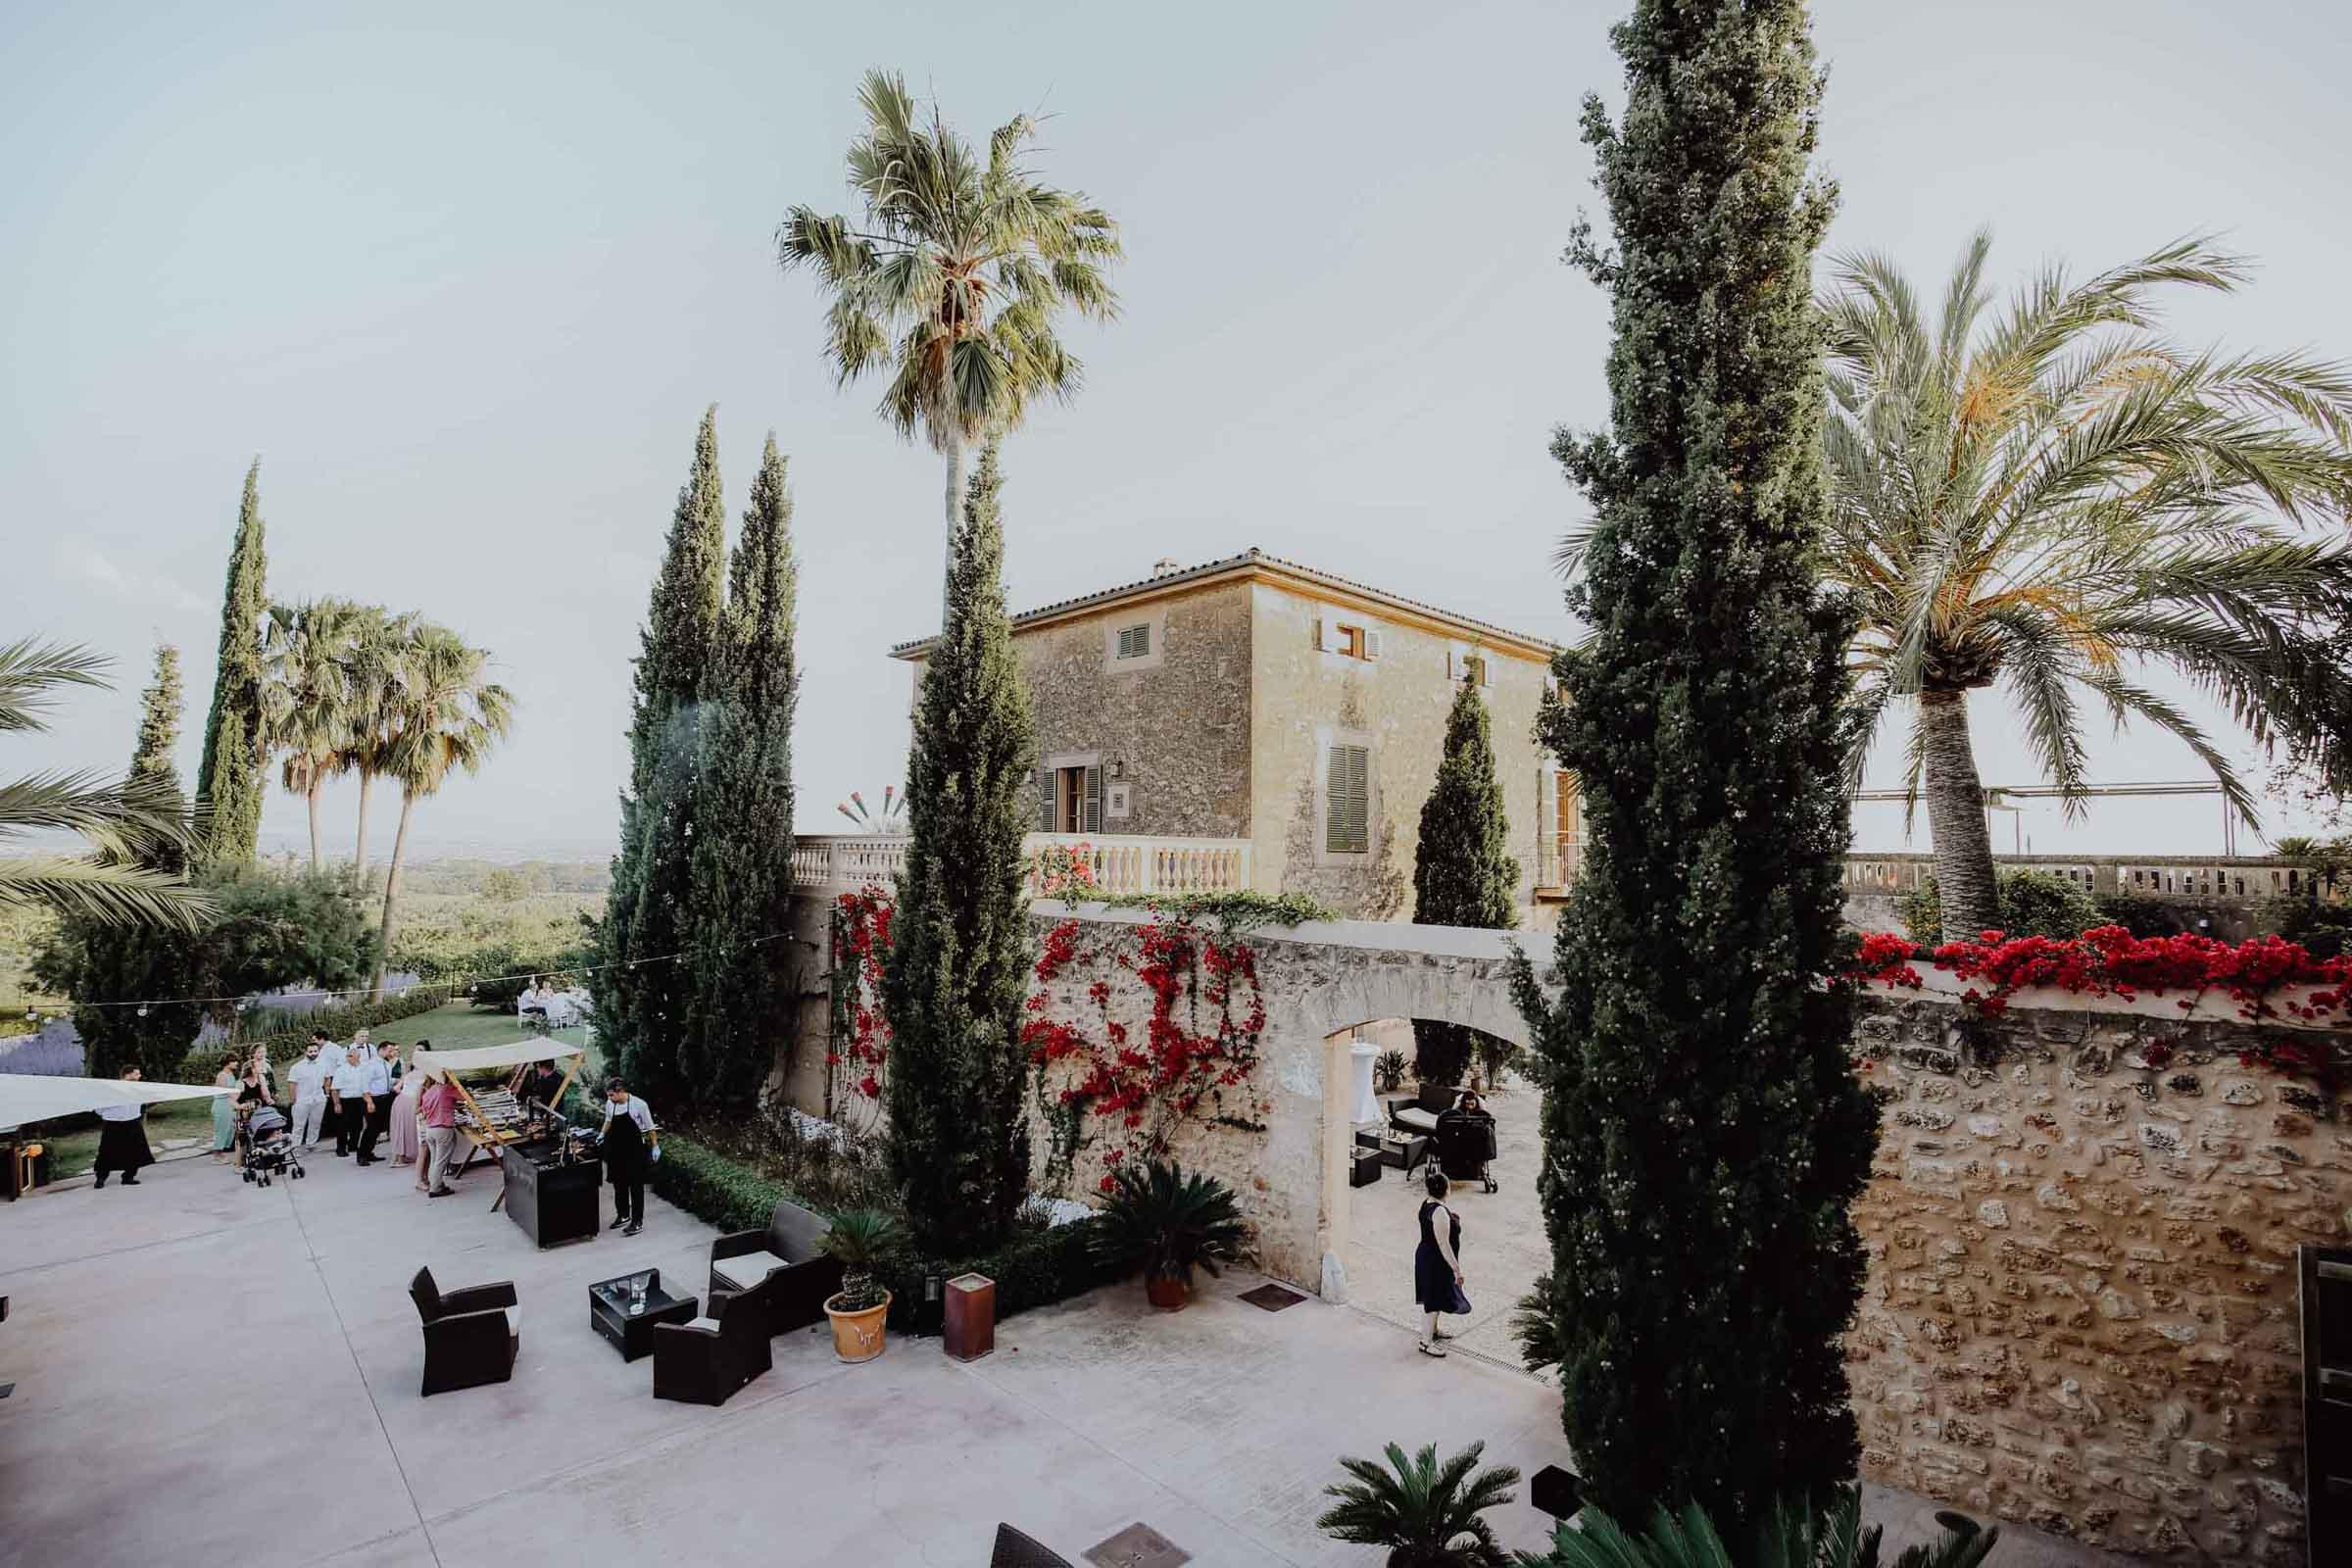 Innenhof mit Palmen und Menschen